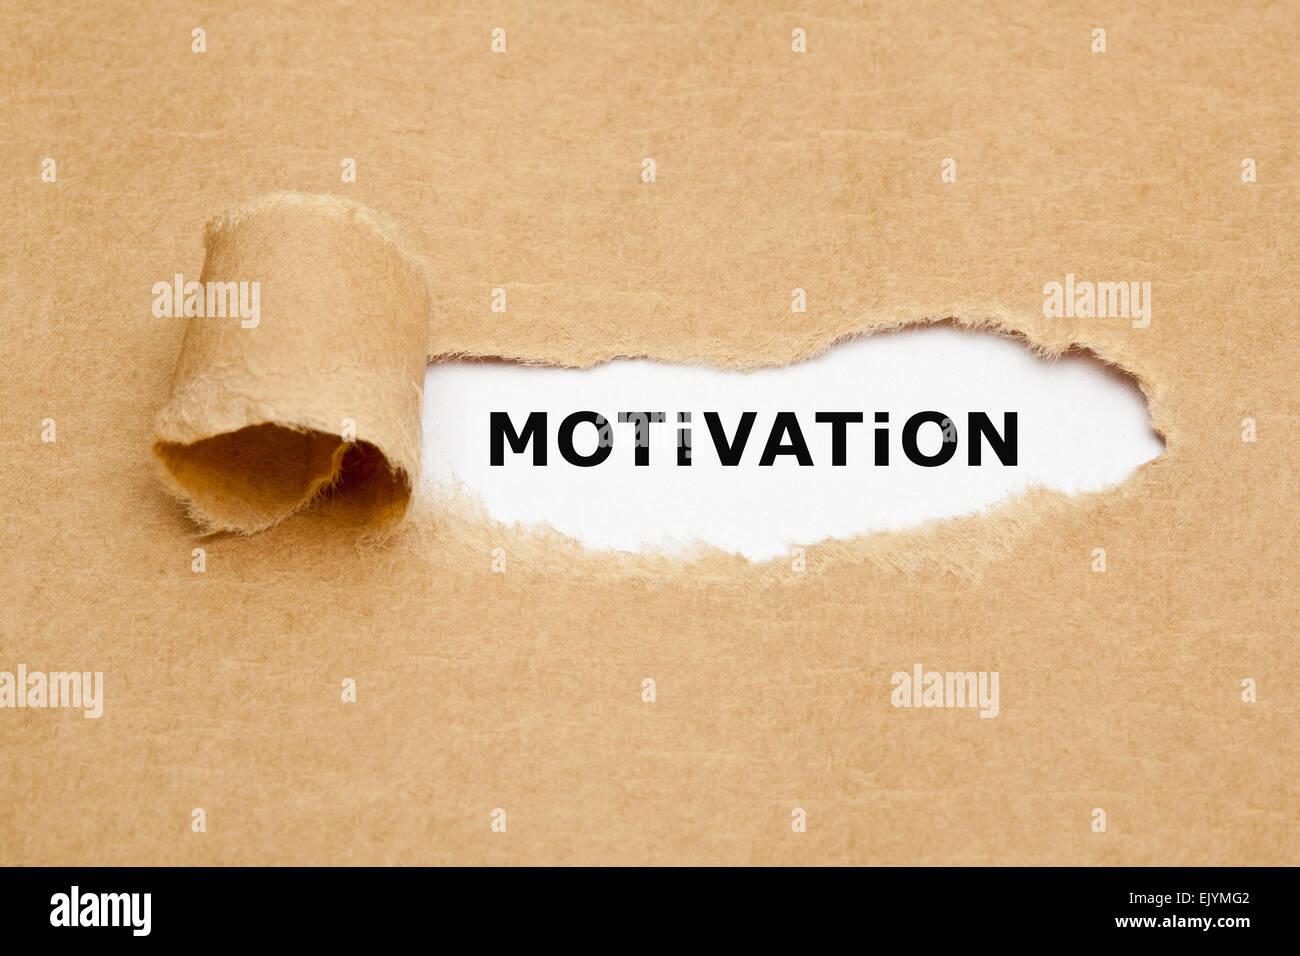 La parola la motivazione che appare dietro strappato carta marrone. Immagini Stock